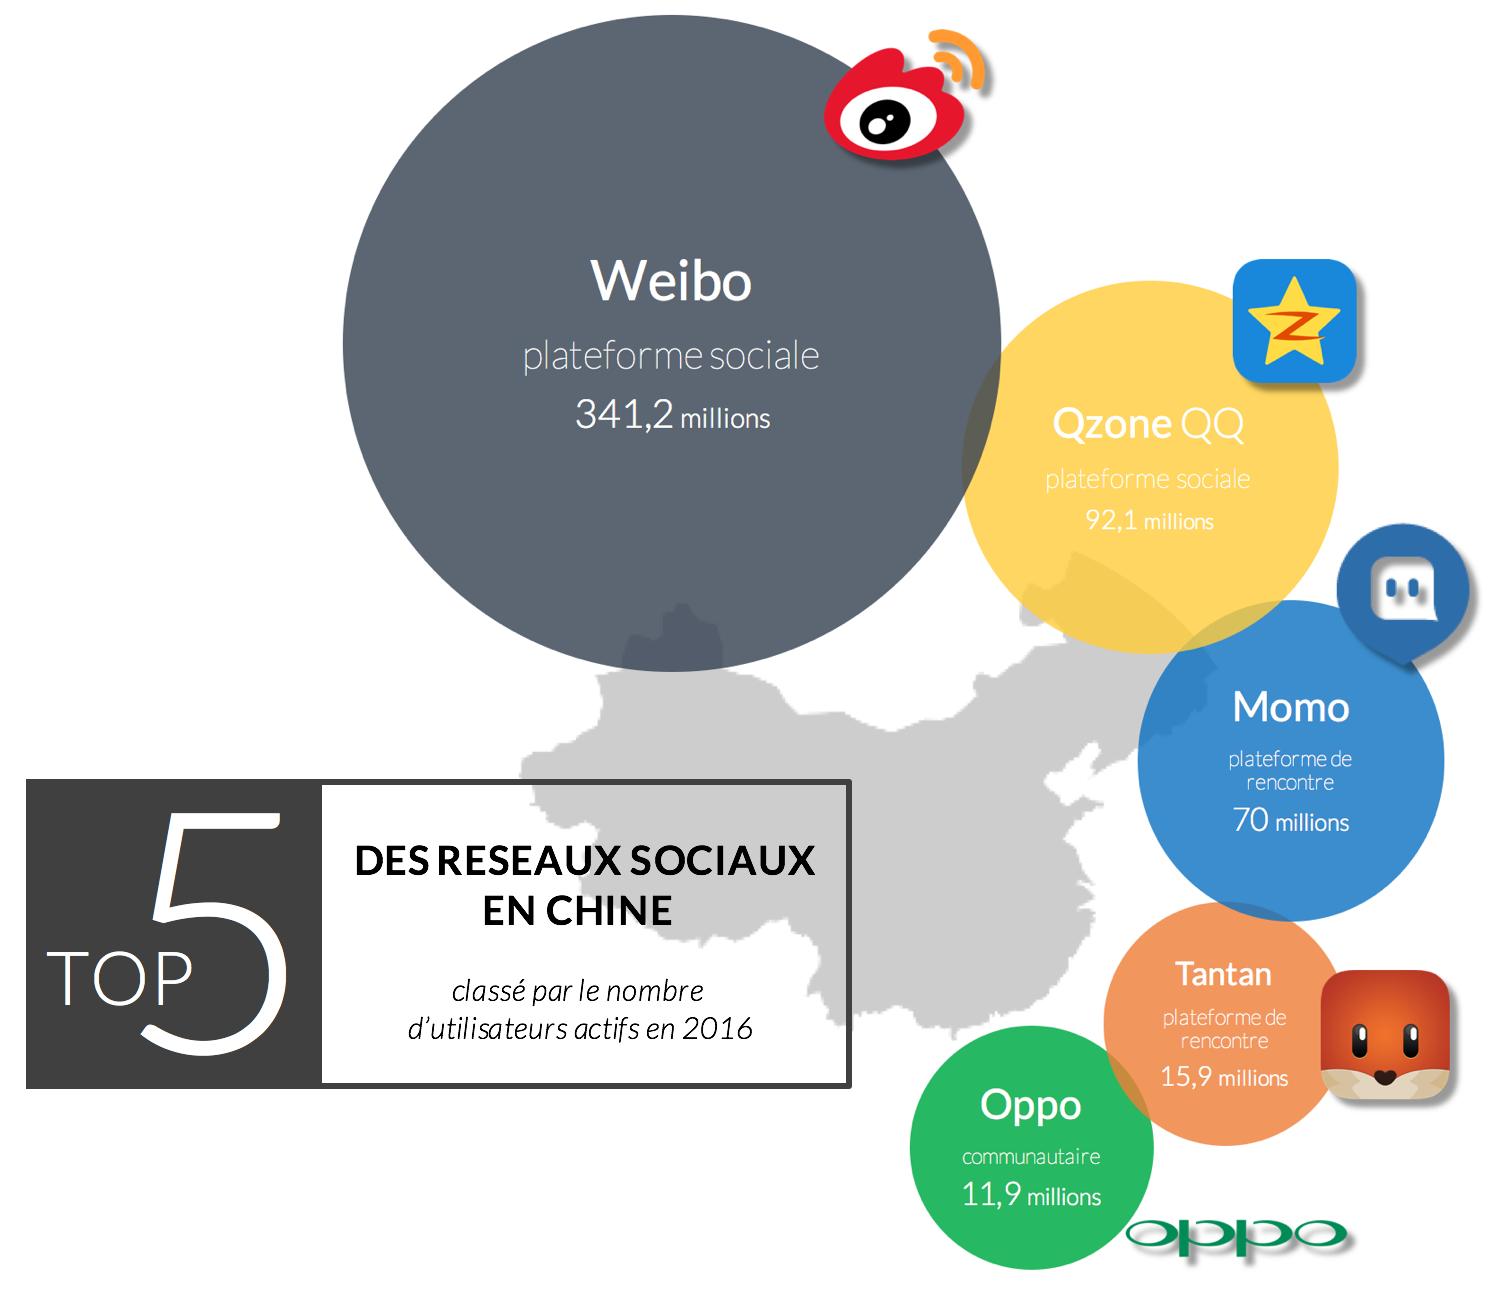 infographie-meilleurs-réseaux-sociaux-chine